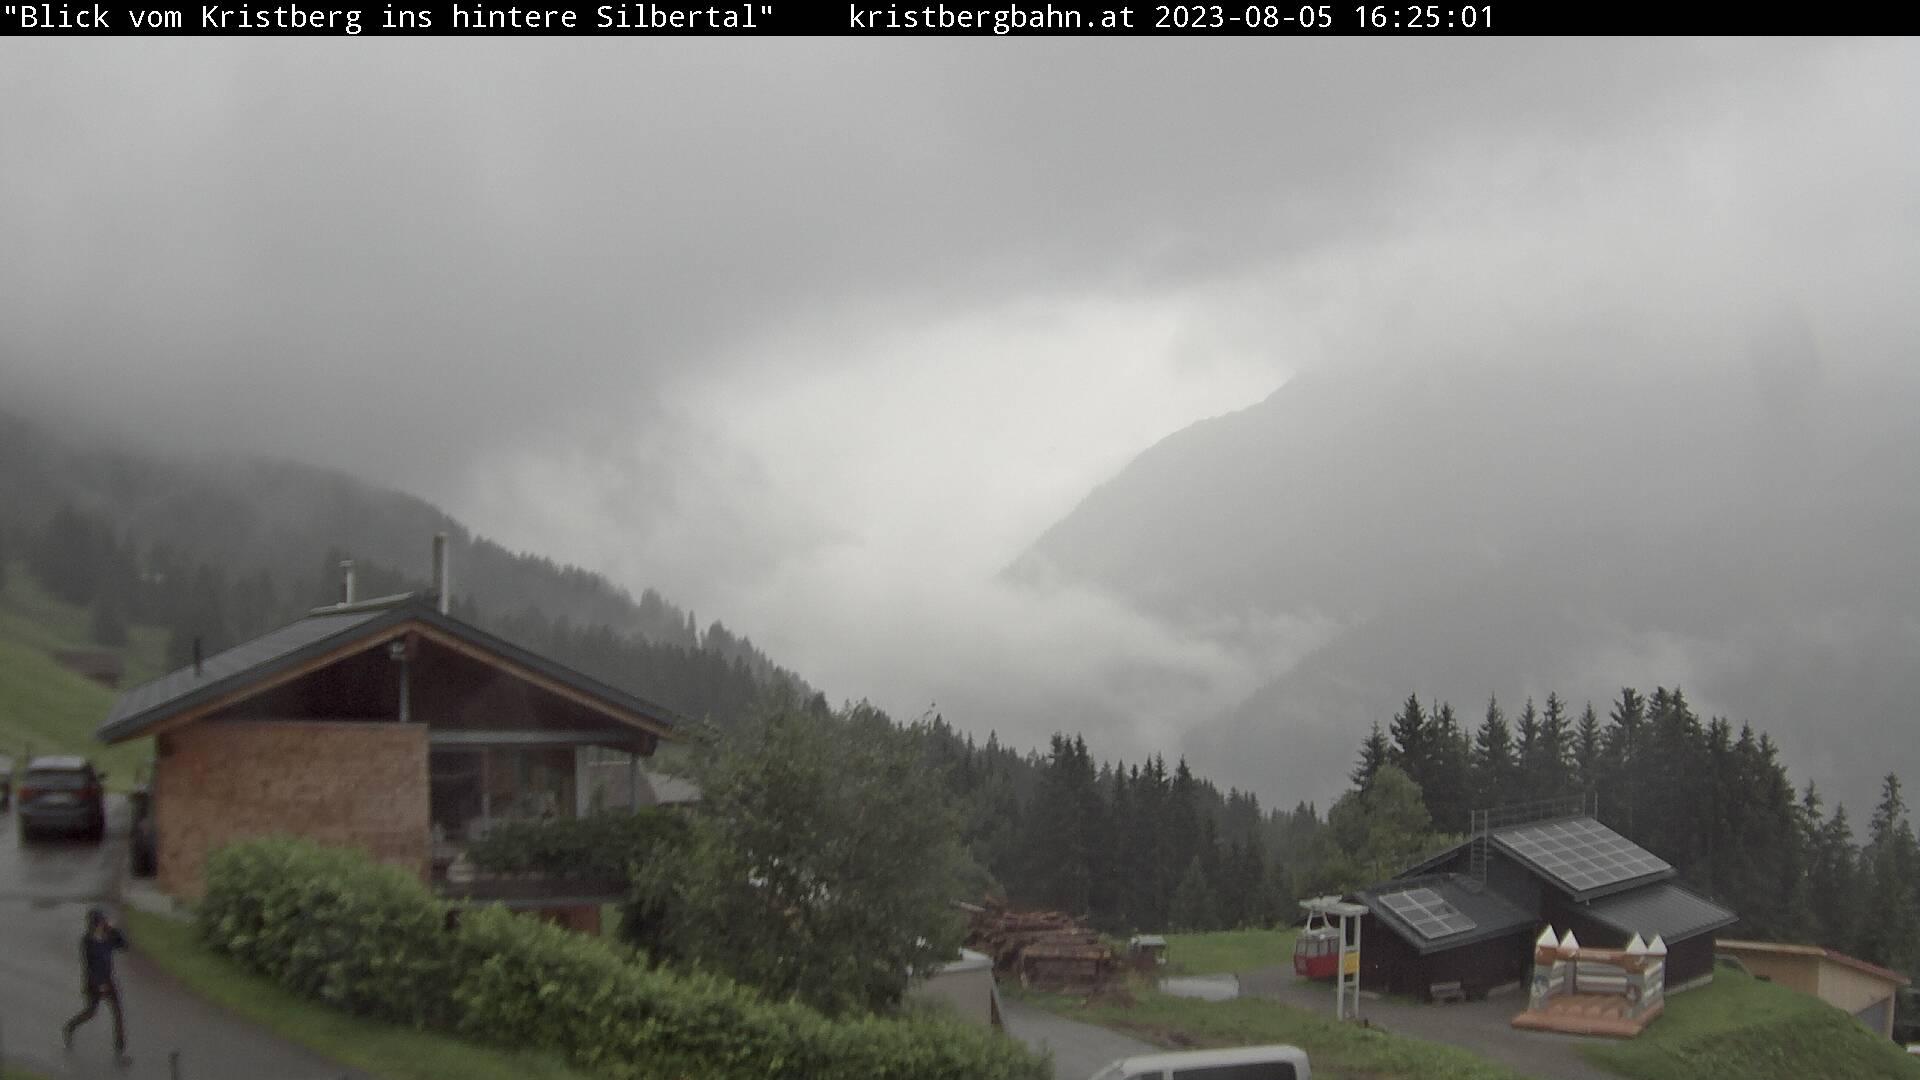 Die Webcam mit diesem Livebild zeigt den Blick ins hintere Silbertal mit dem Lobspitzmassiv, Fellimännlegipfel, Valschavieler Maderer und dem Hochjochmassiv.